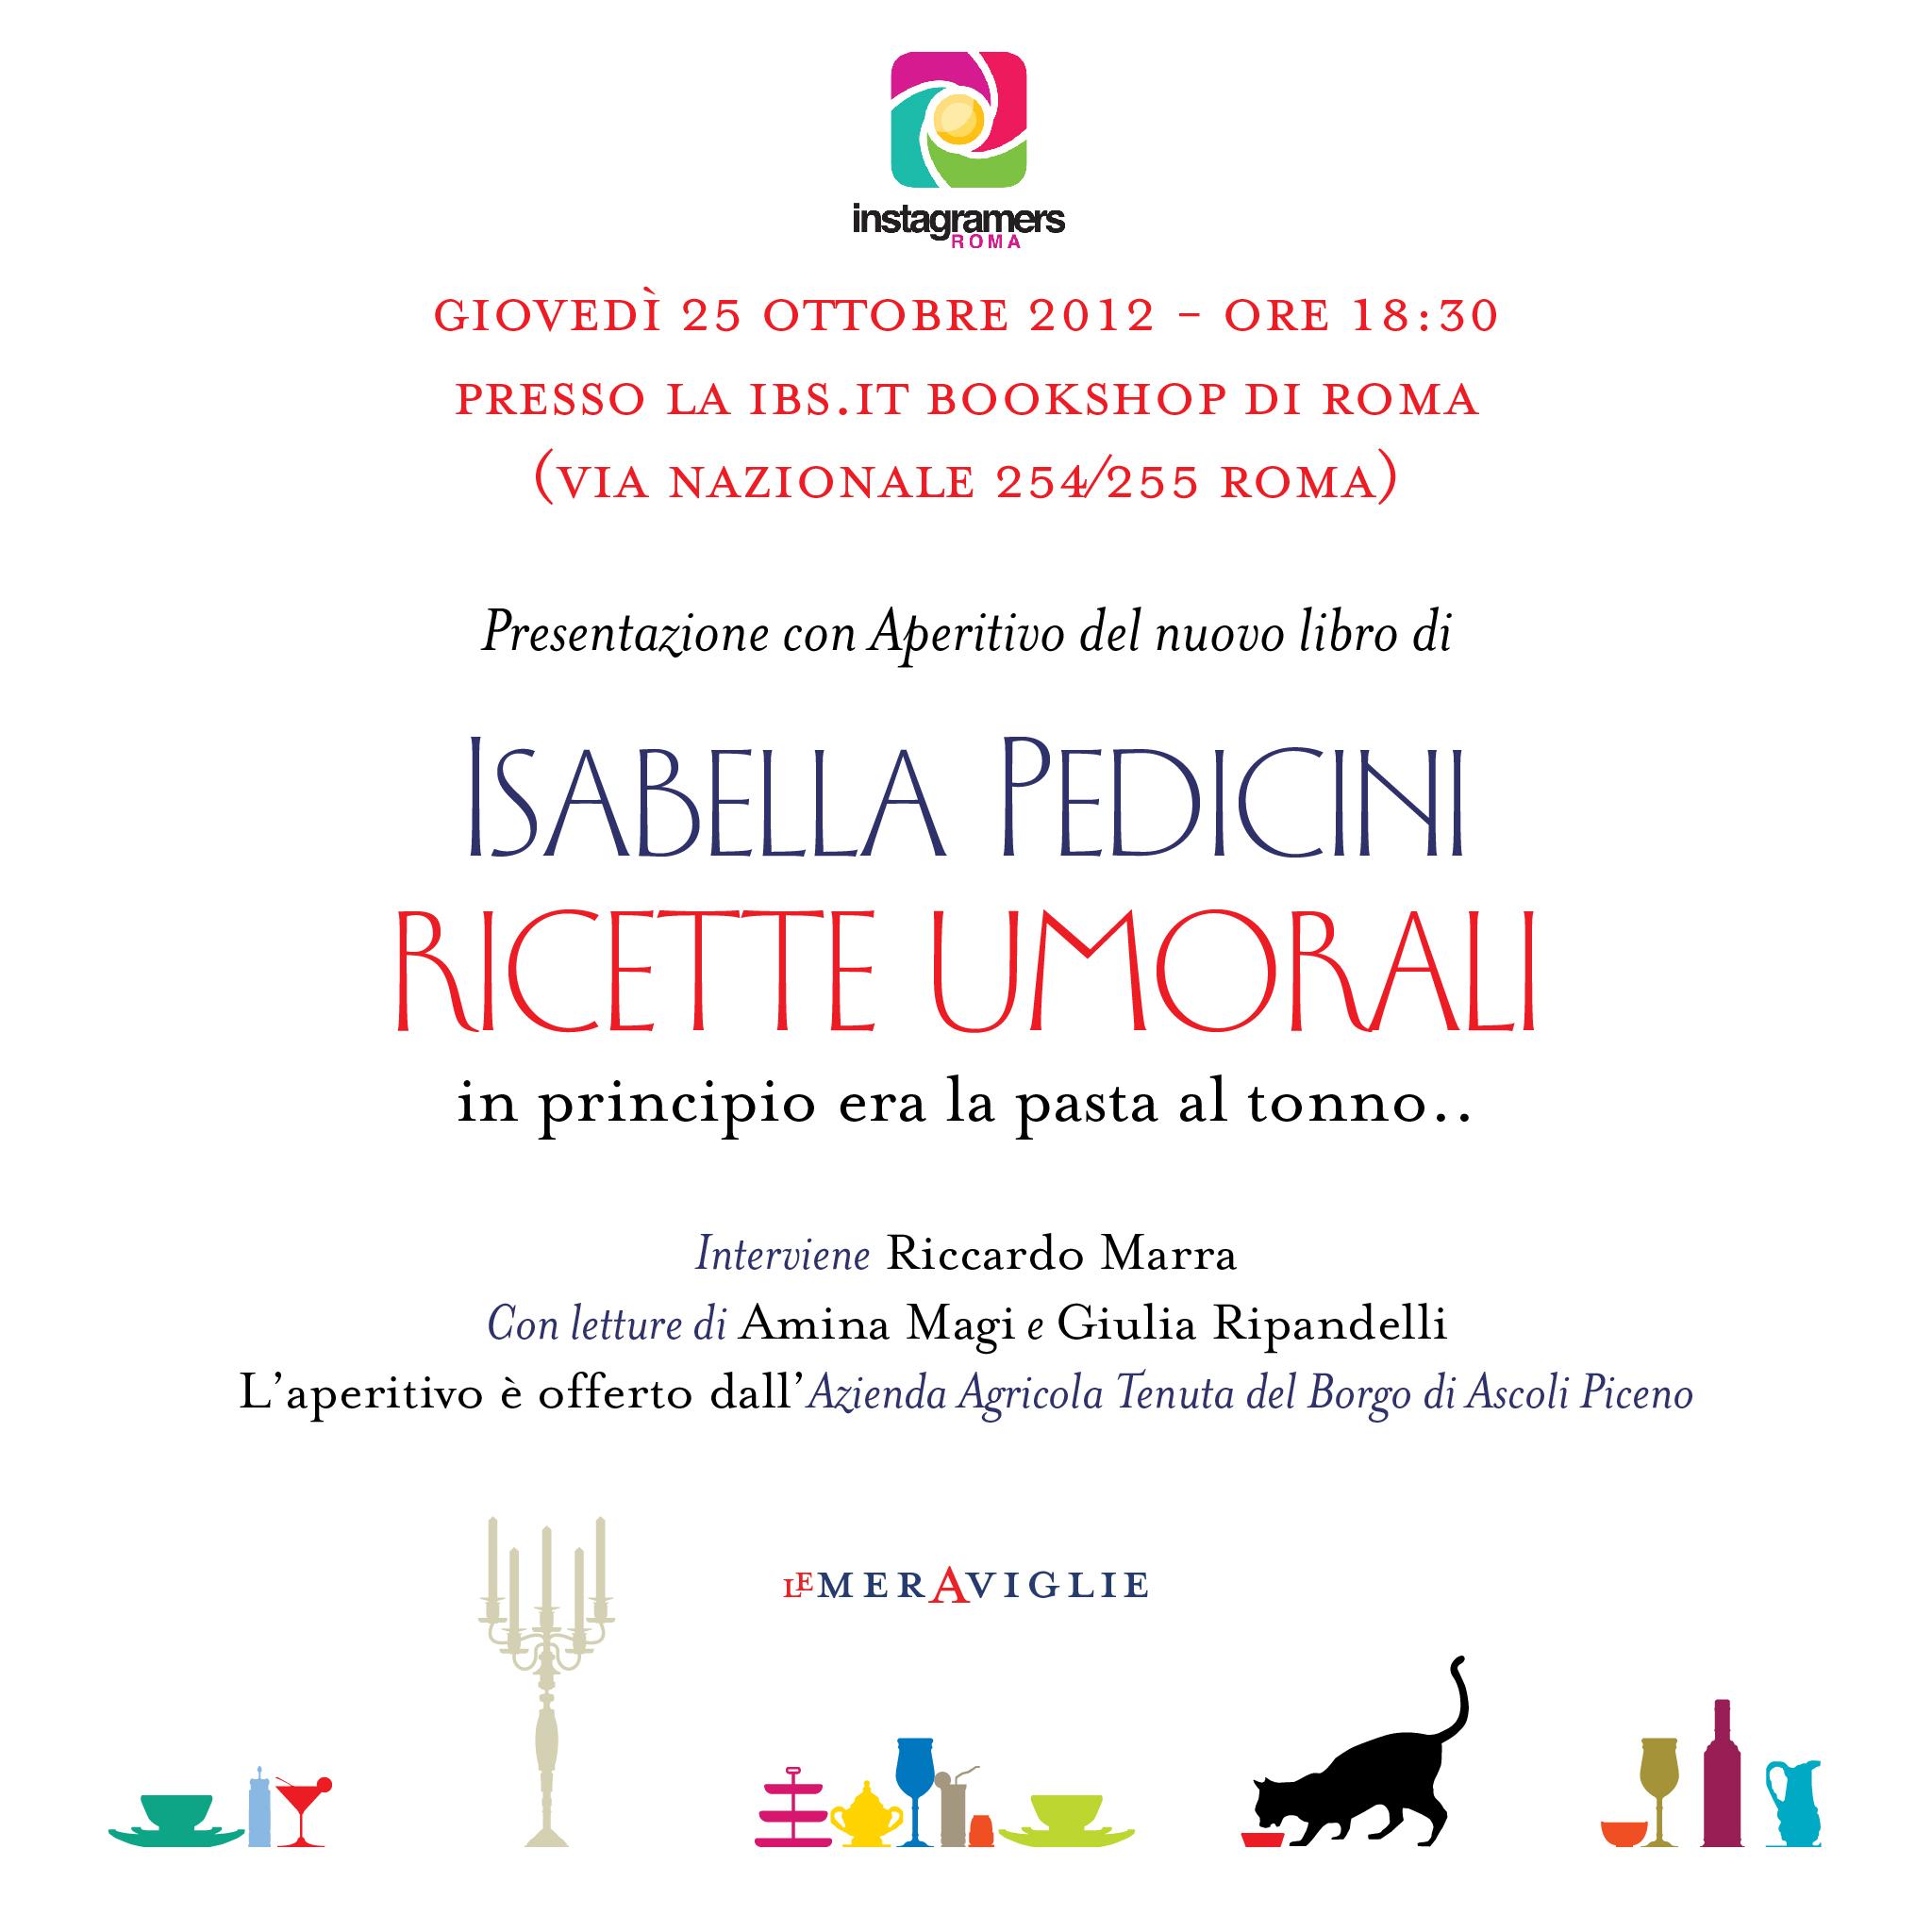 """Le """"Ricette Umorali"""" di Isabella Pedicini raccontate da IgersRoma"""